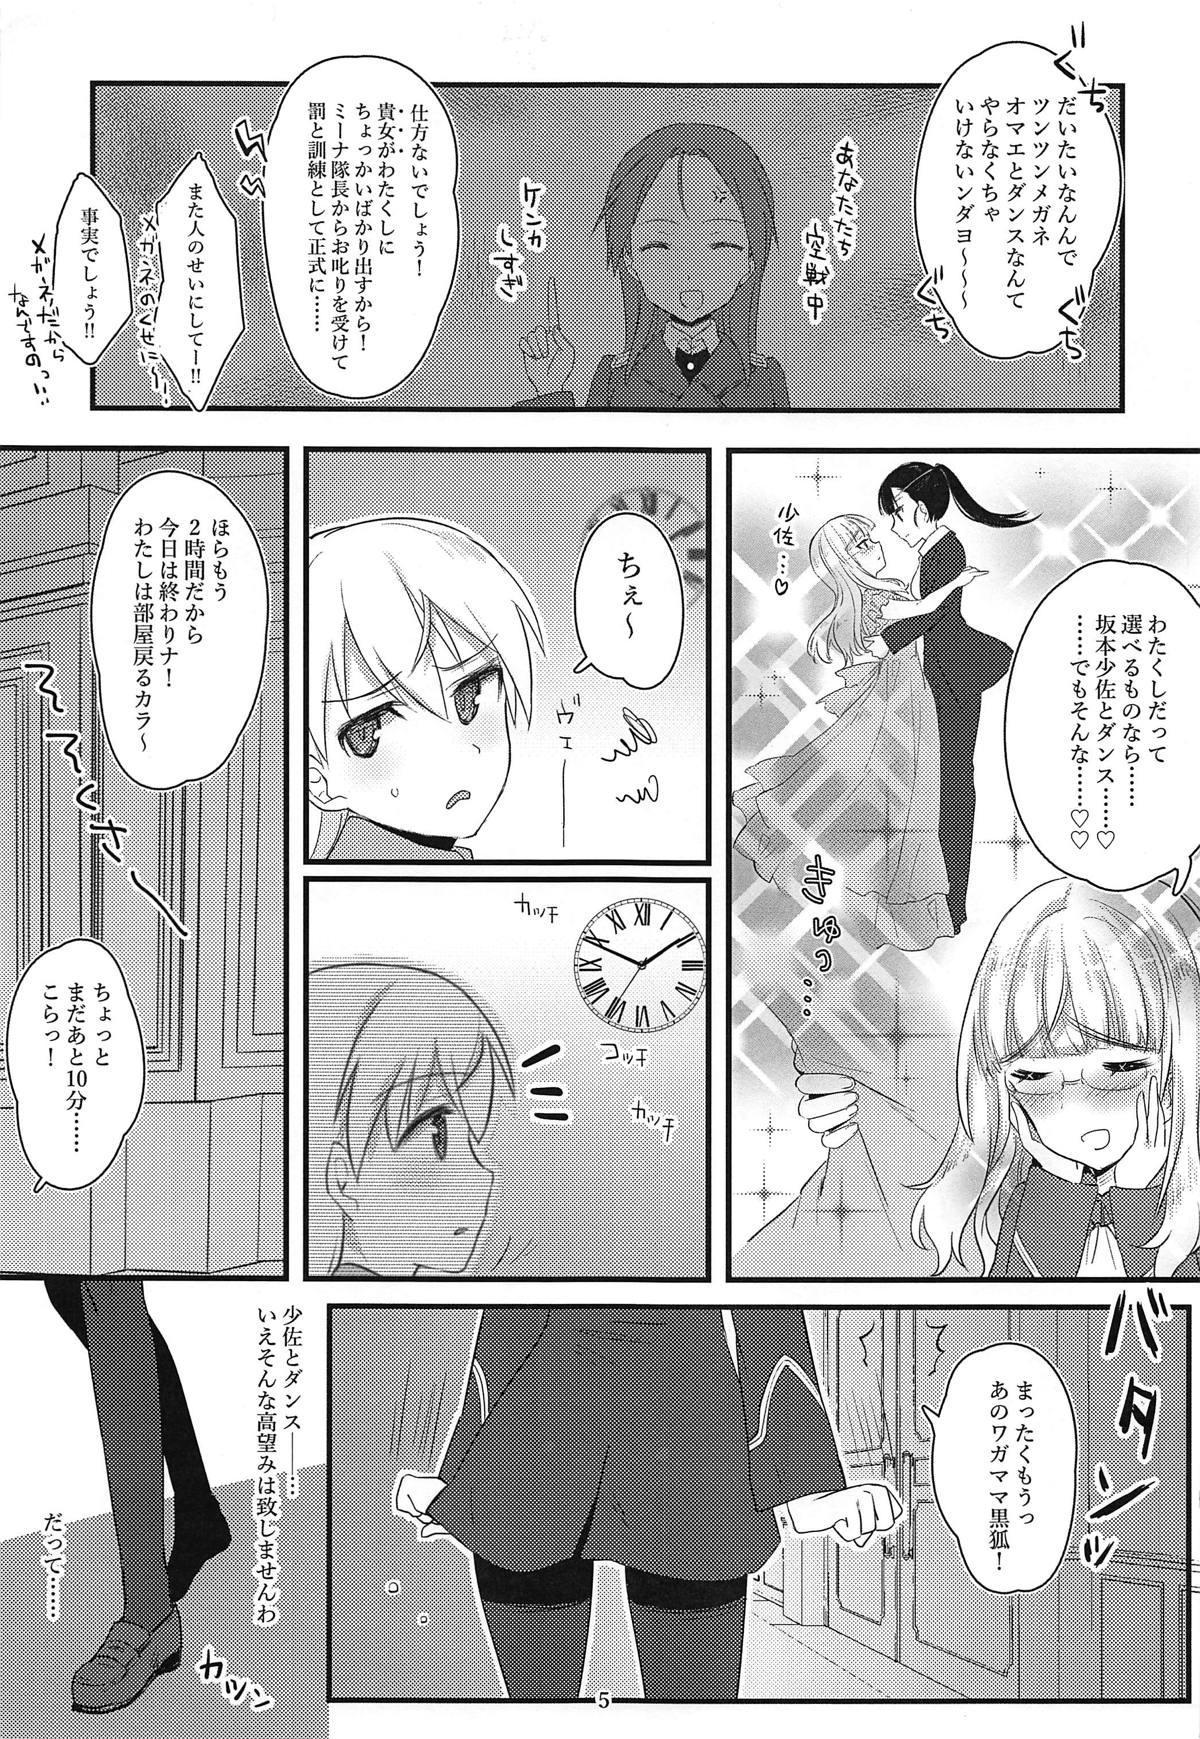 Perrine-san to Tsukue no Kado 3